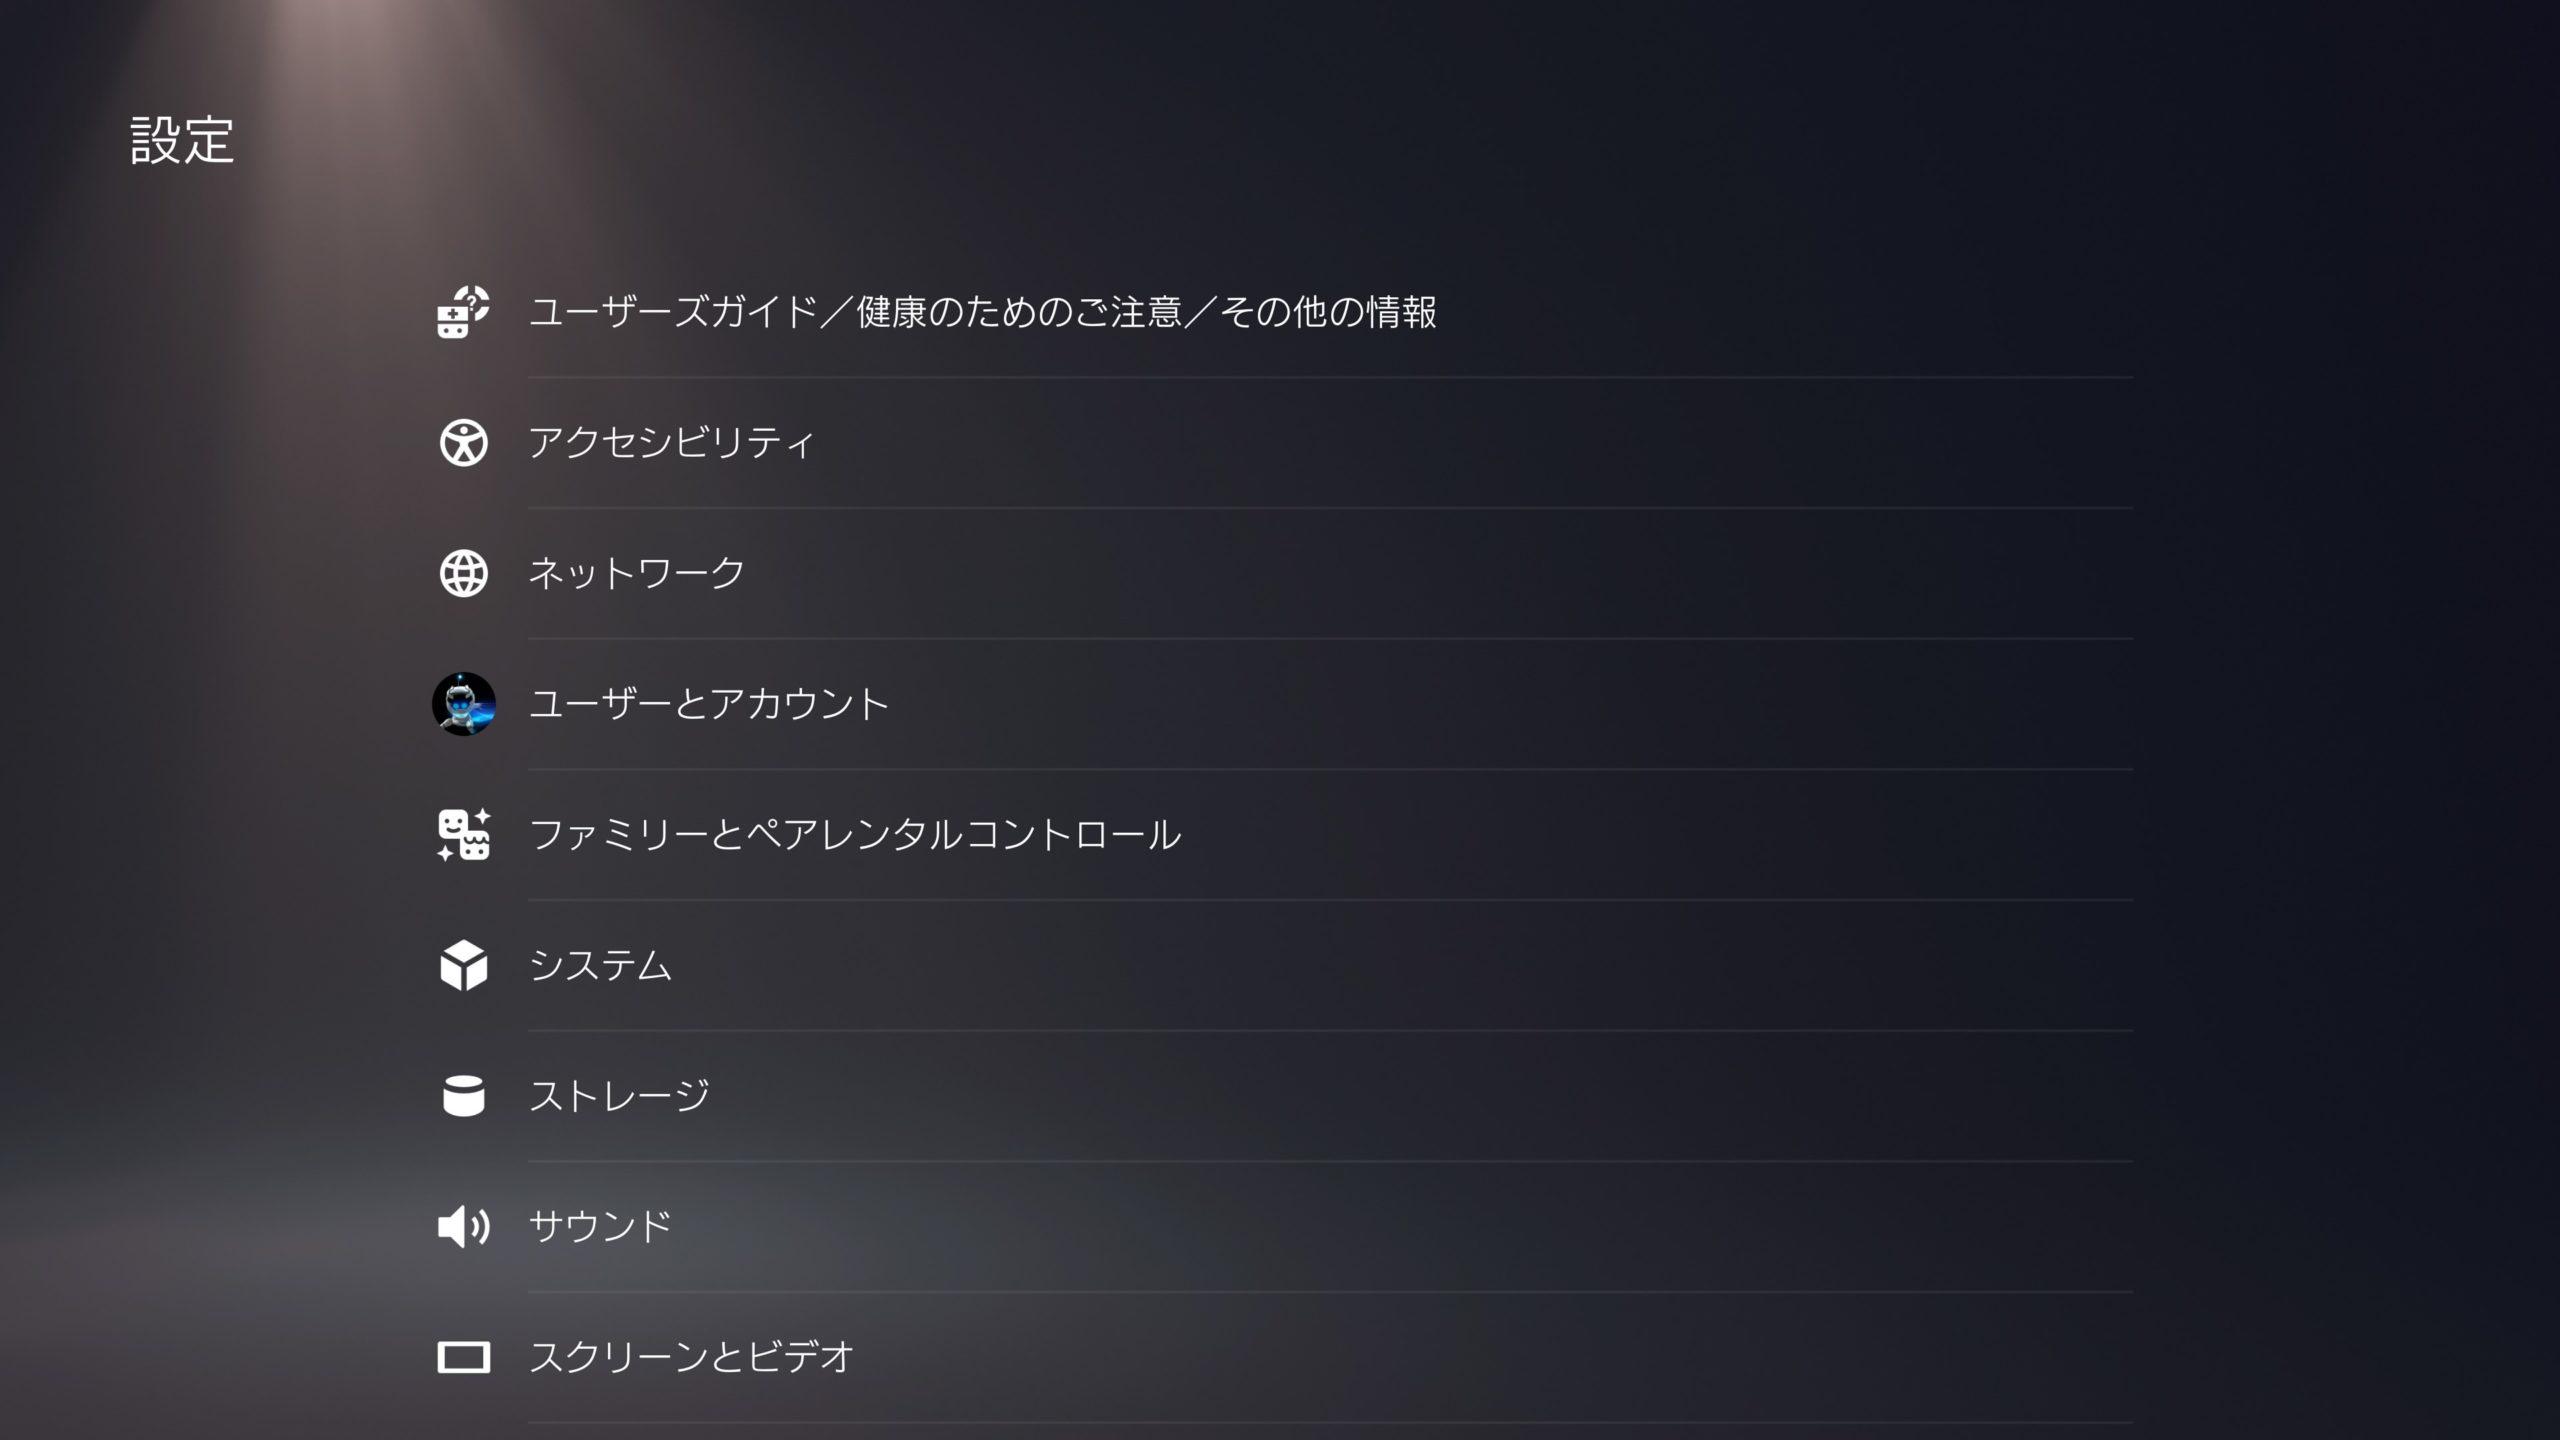 PS5 設定→ユーザーアカウント